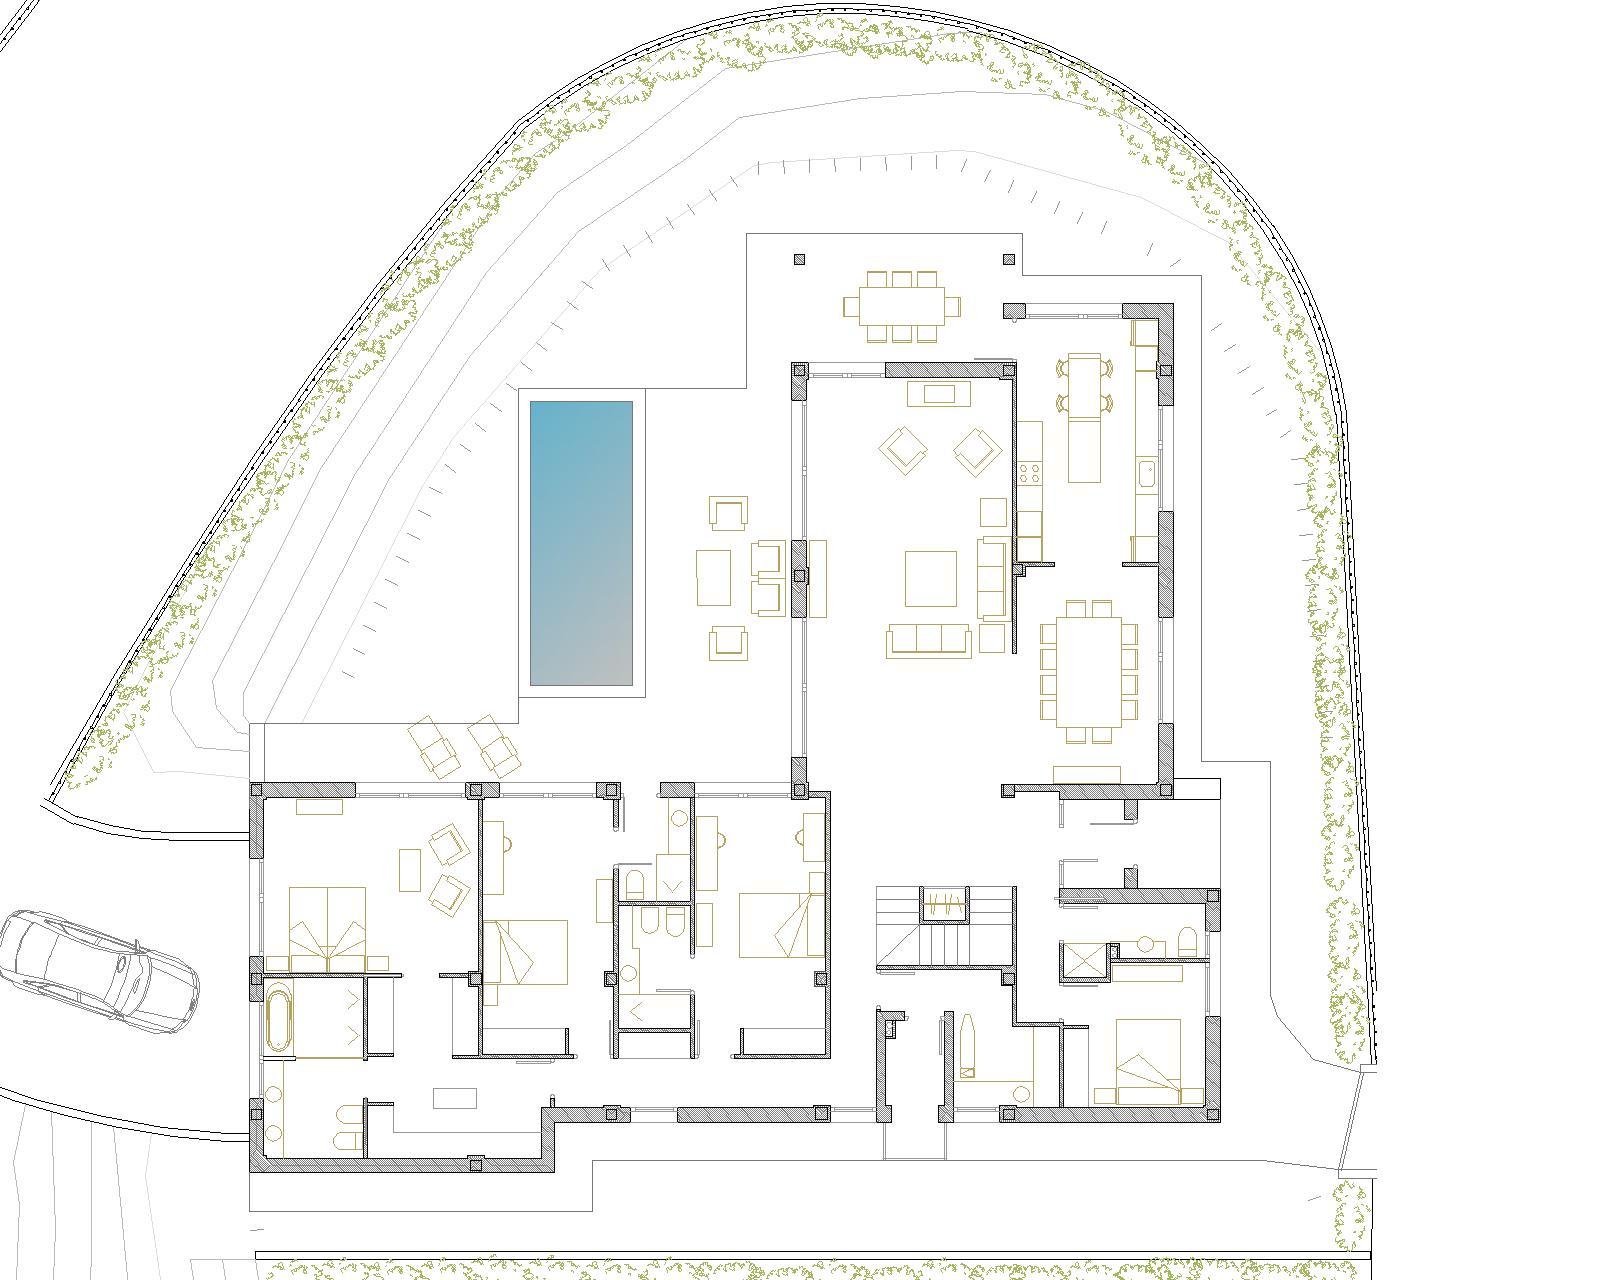 Vivienda unifamiliar en mungia br c arquitectos - Planos de casas unifamiliares ...